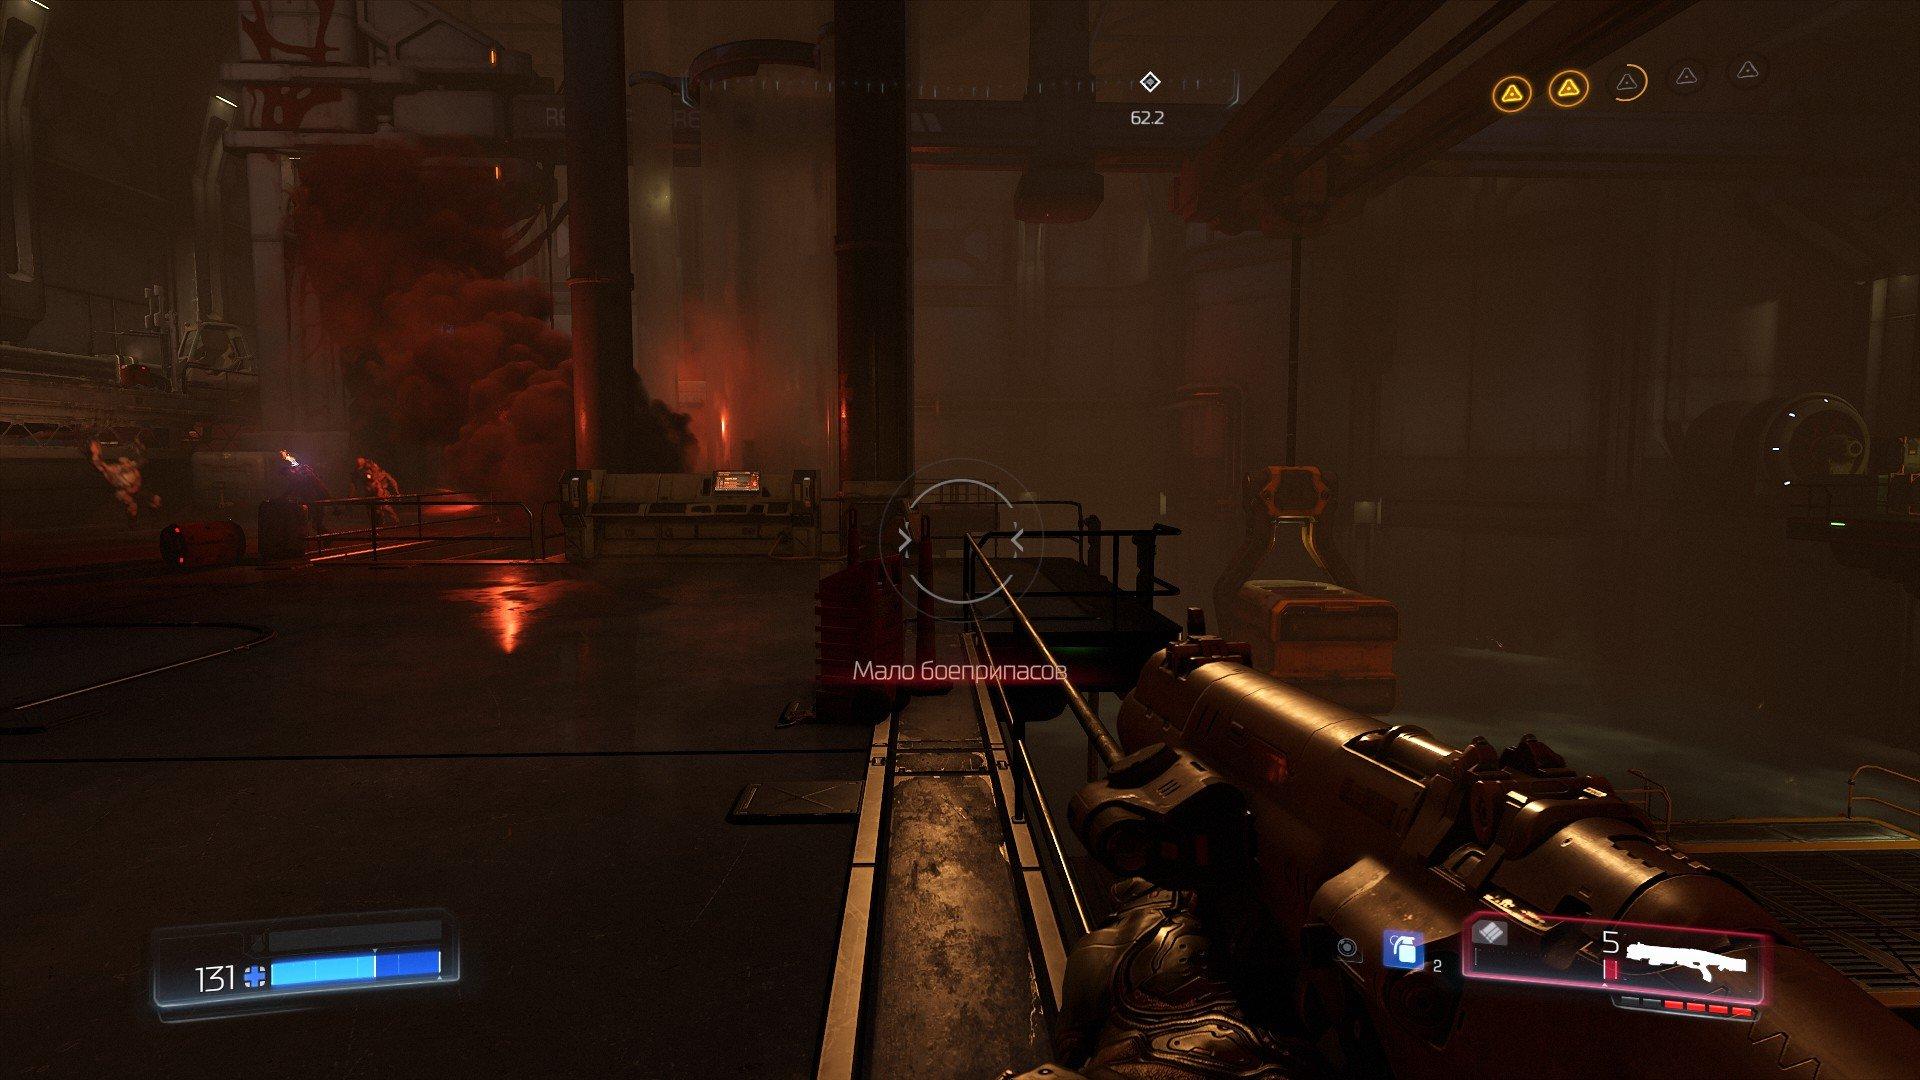 Вопль-прохождение Doom ... Позитивный и развеселый - Изображение 4